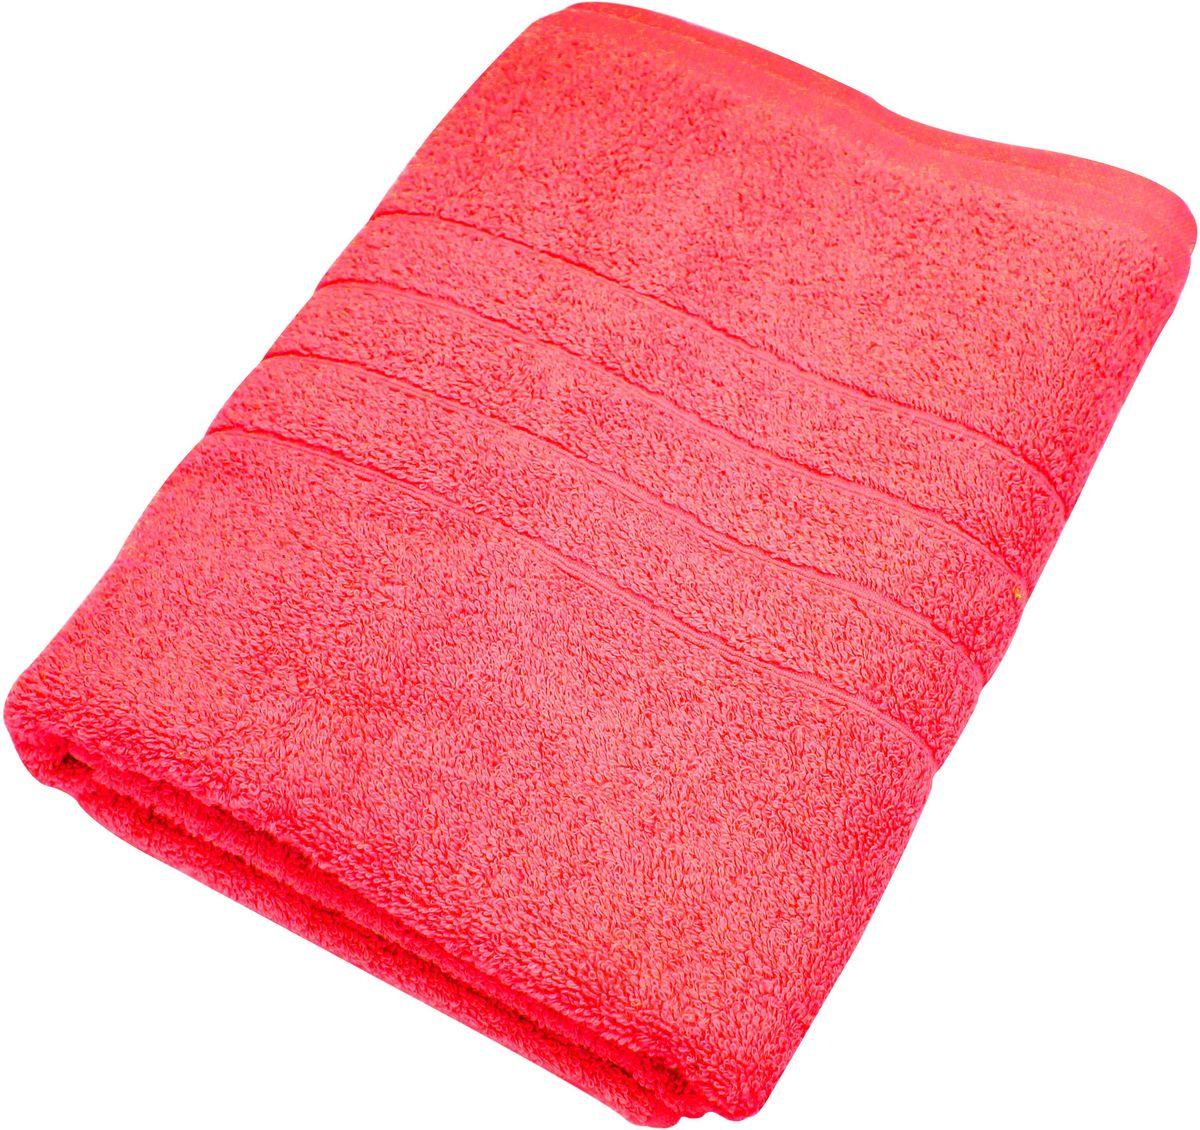 Полотенце Proffi Home Модерн, цвет: красный, 70x140 смPH3276Состав: 100% хлопок.